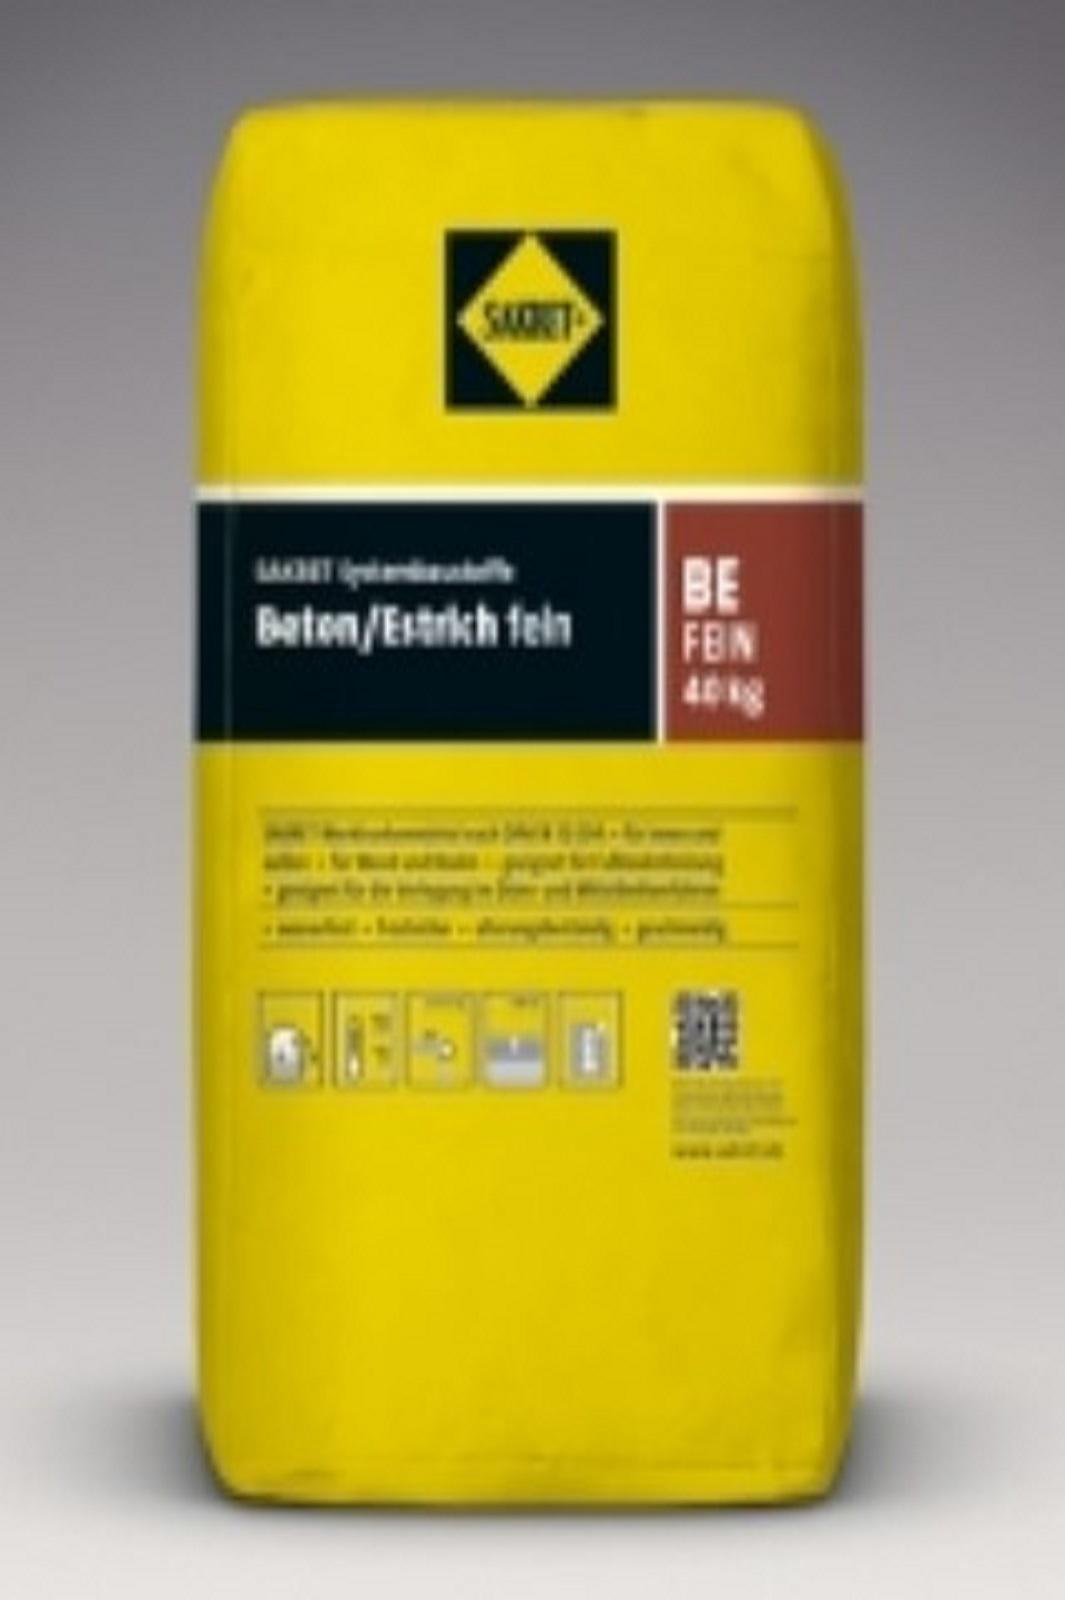 SAKRET Beton / Estrich fein BE fein 30kg